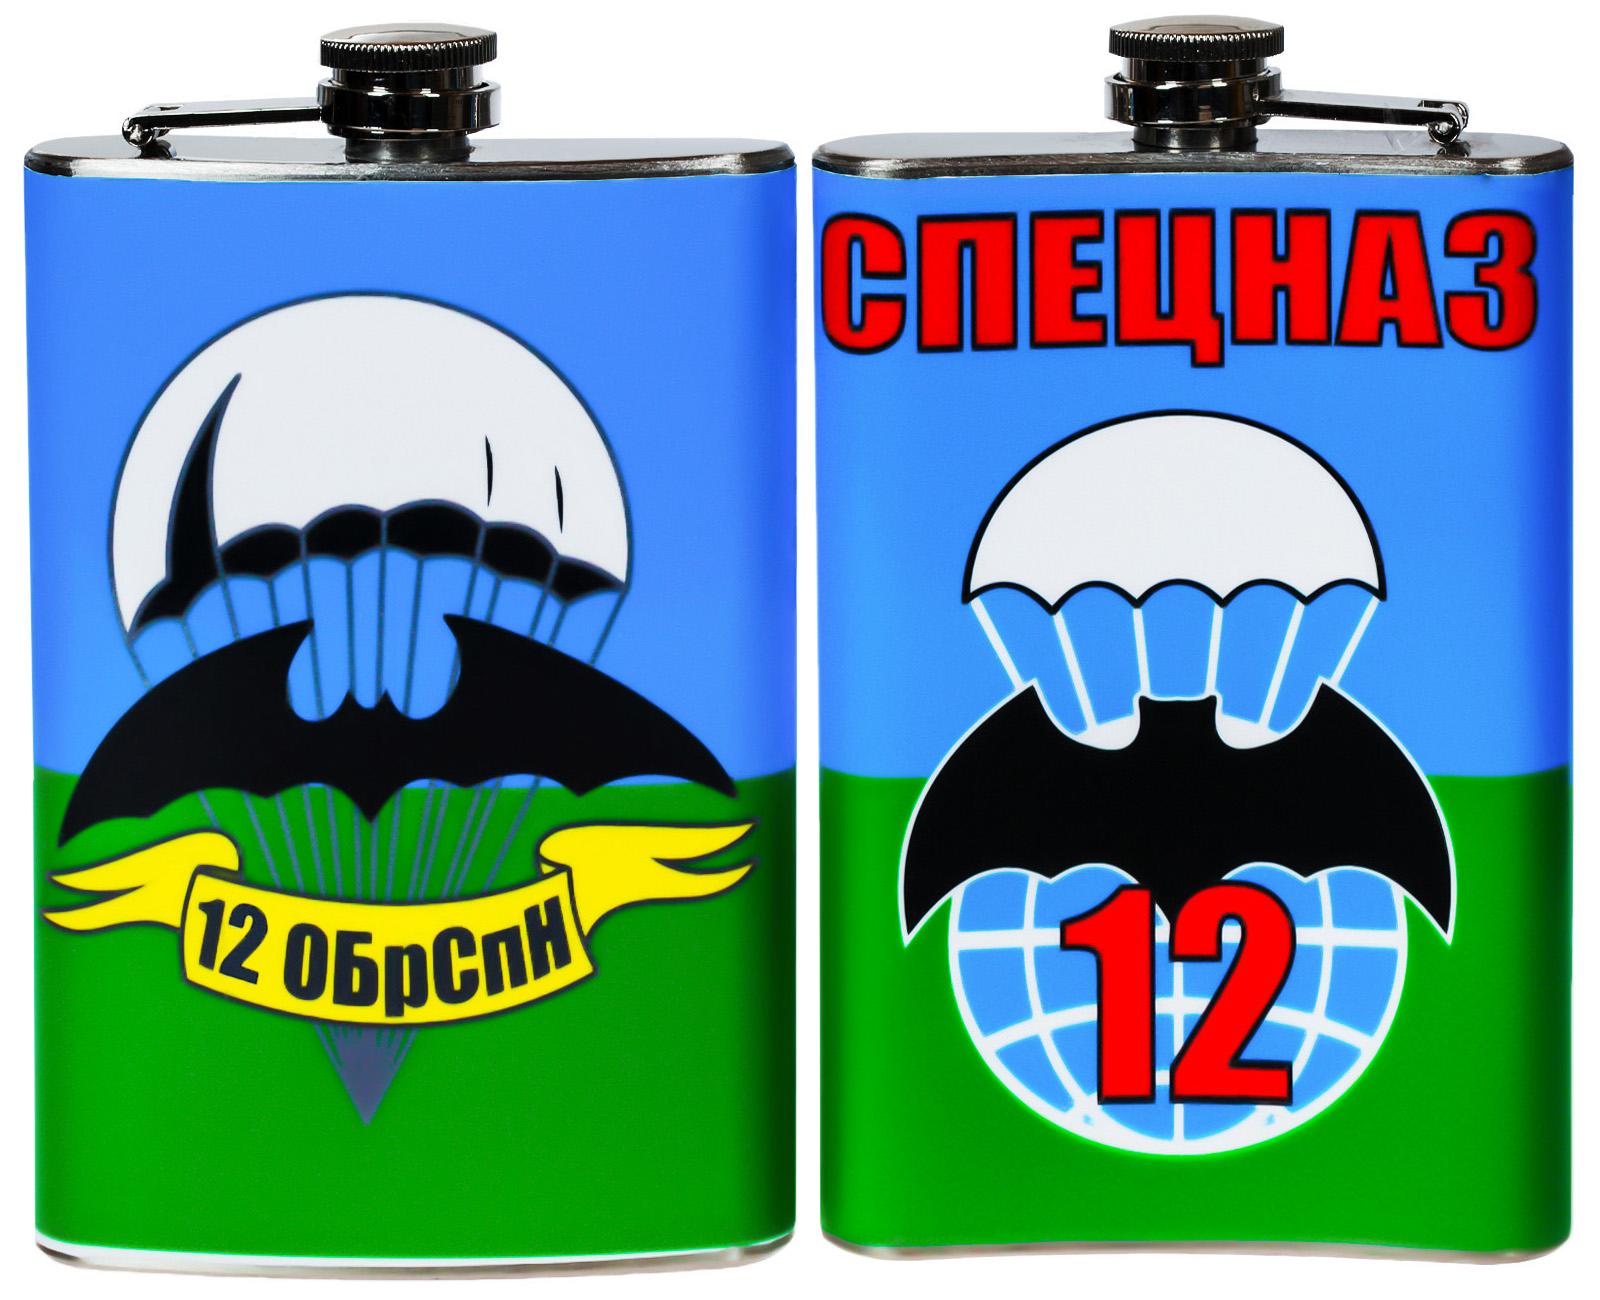 """Купить фляжку """"12 ОБрСпН"""" по экономичной цене"""